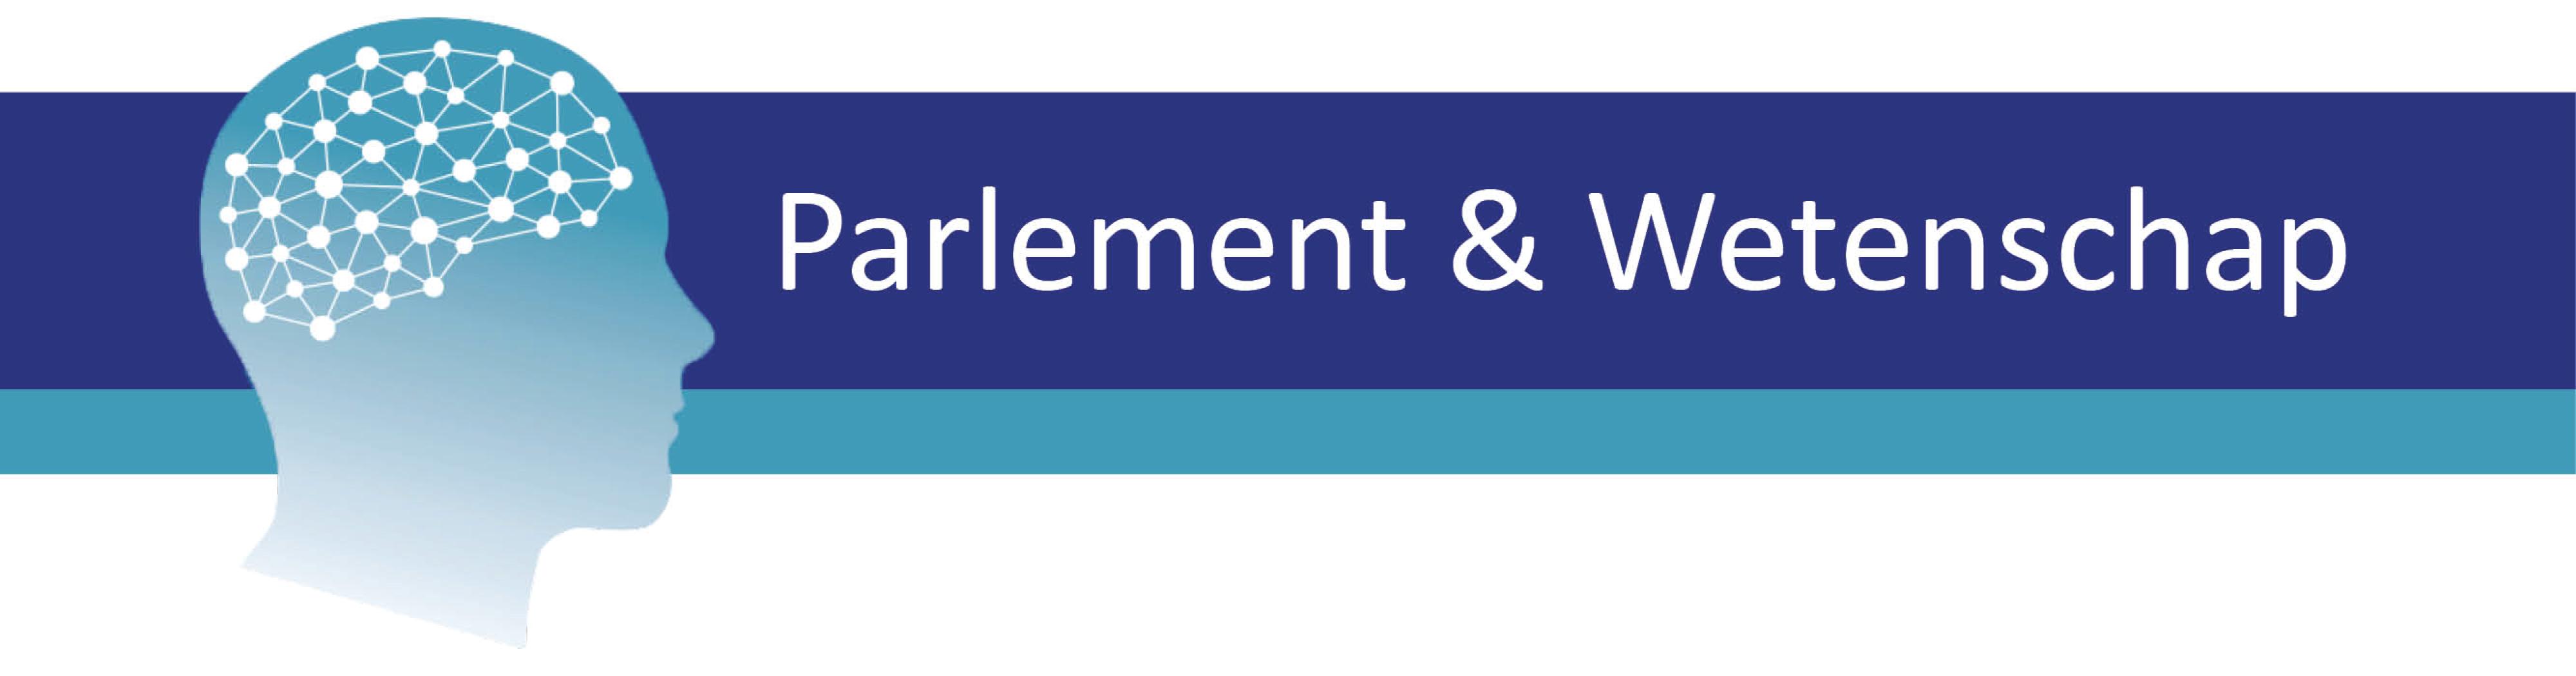 Logo Parlement & wetenschap